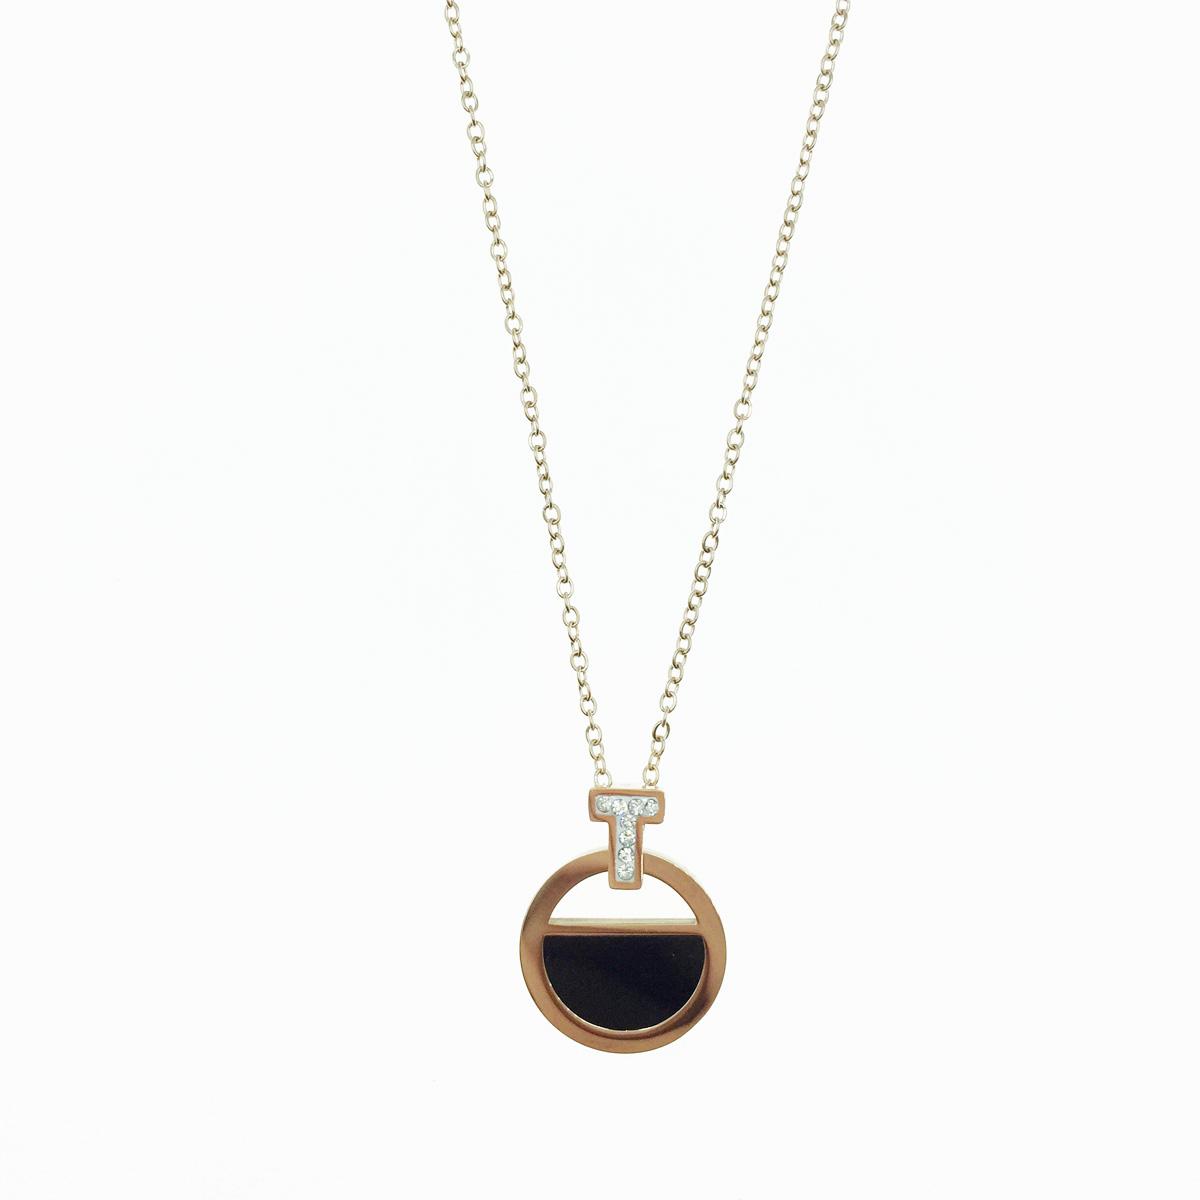 韓國 不鏽鋼 T字水鑽 圓 玫瑰金 單墜 項鍊